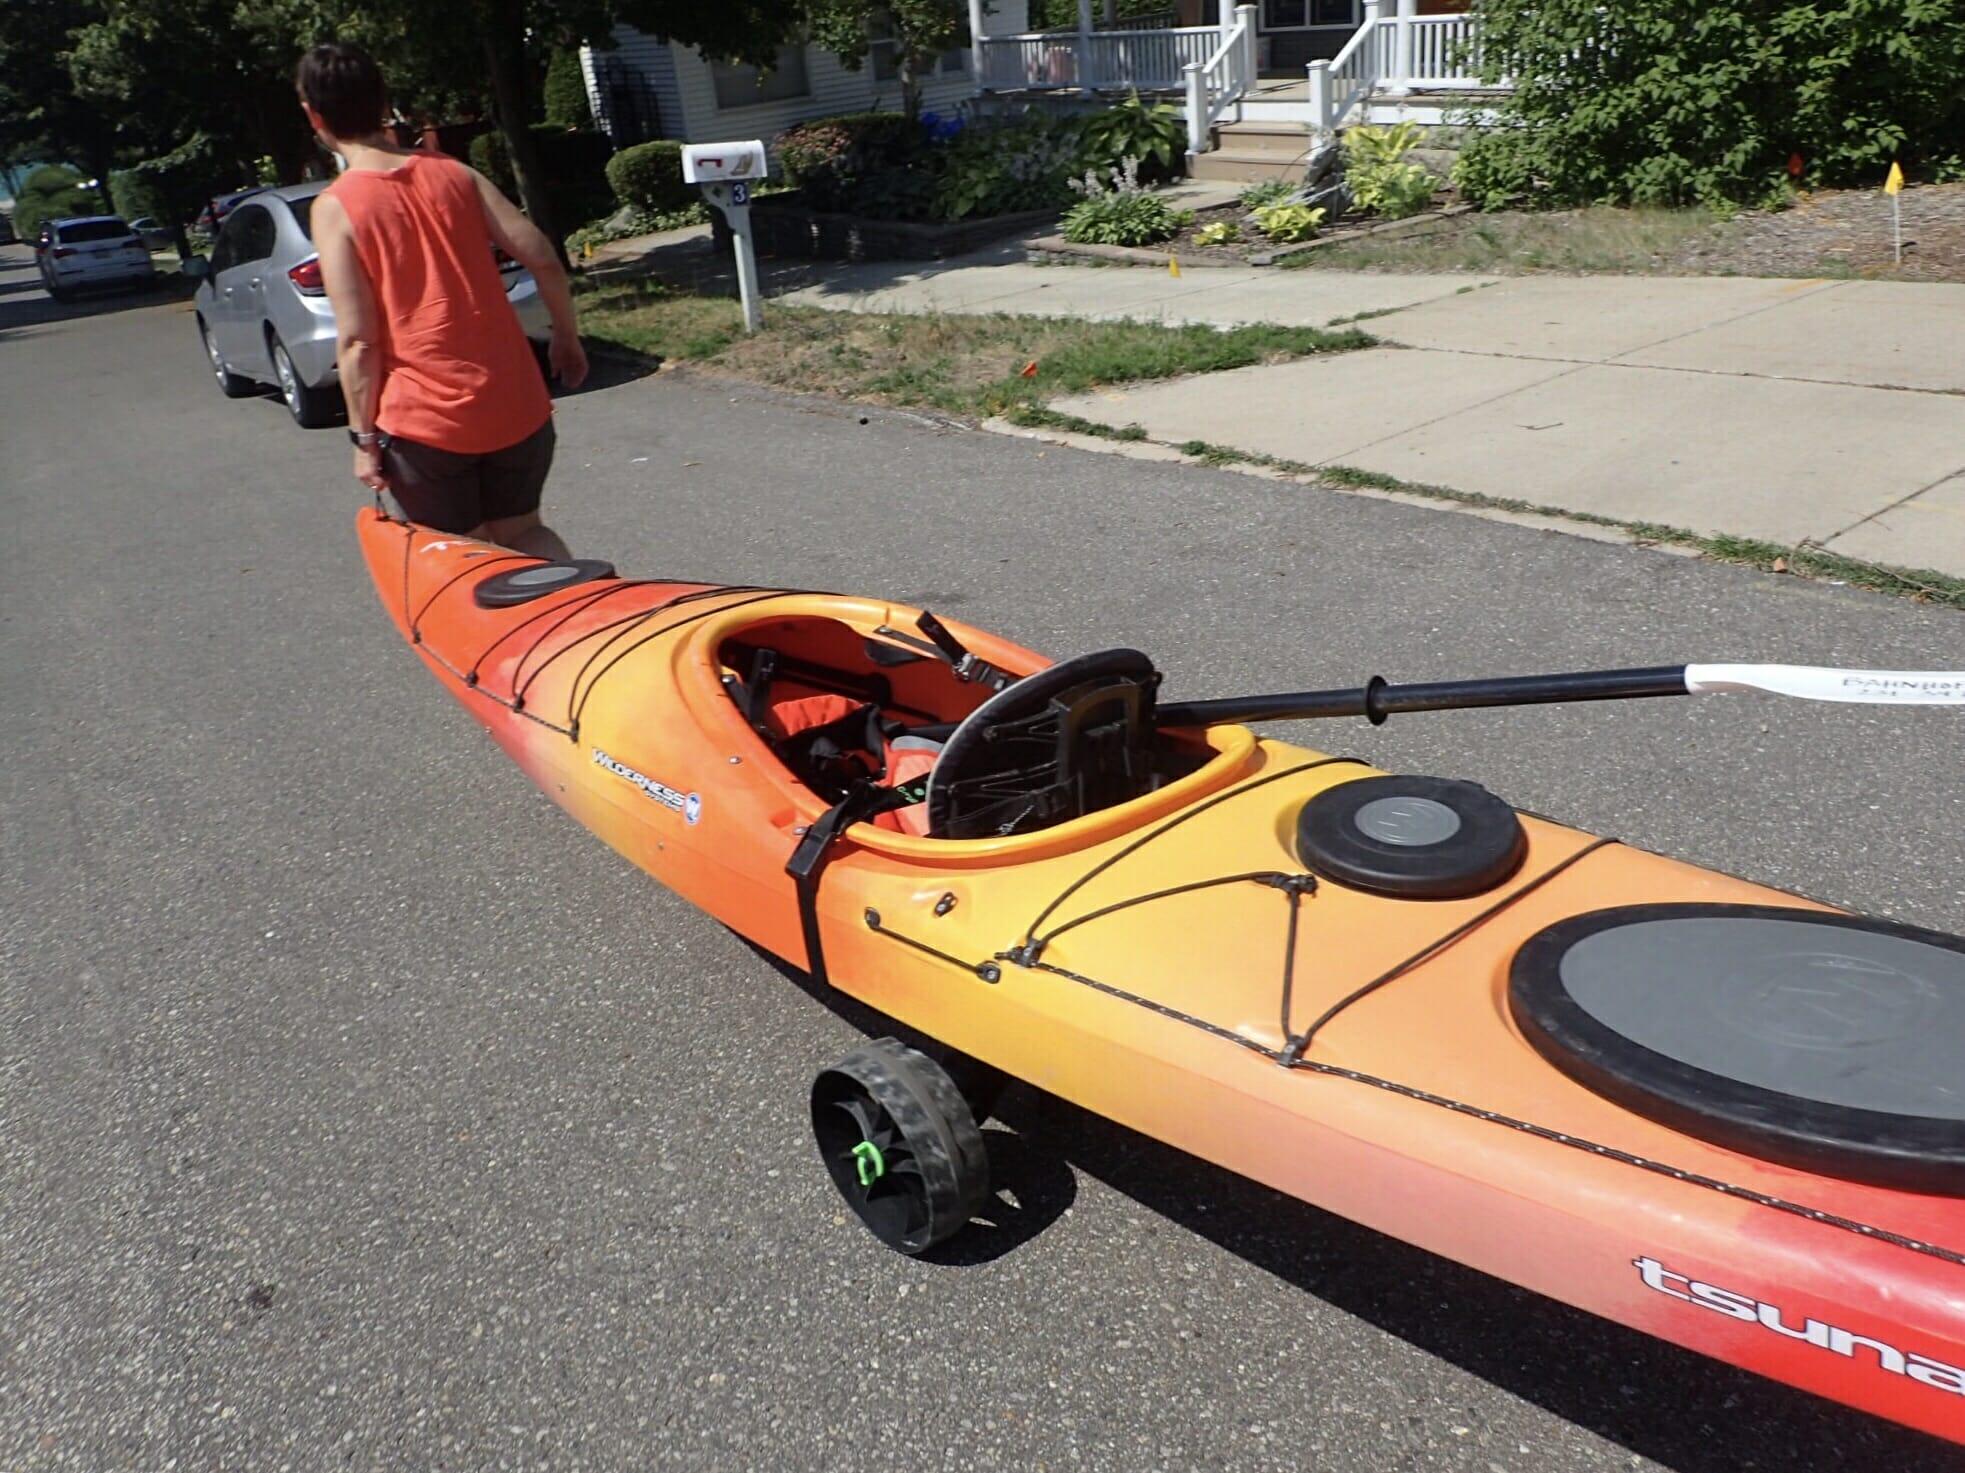 Missy pulling her kayak